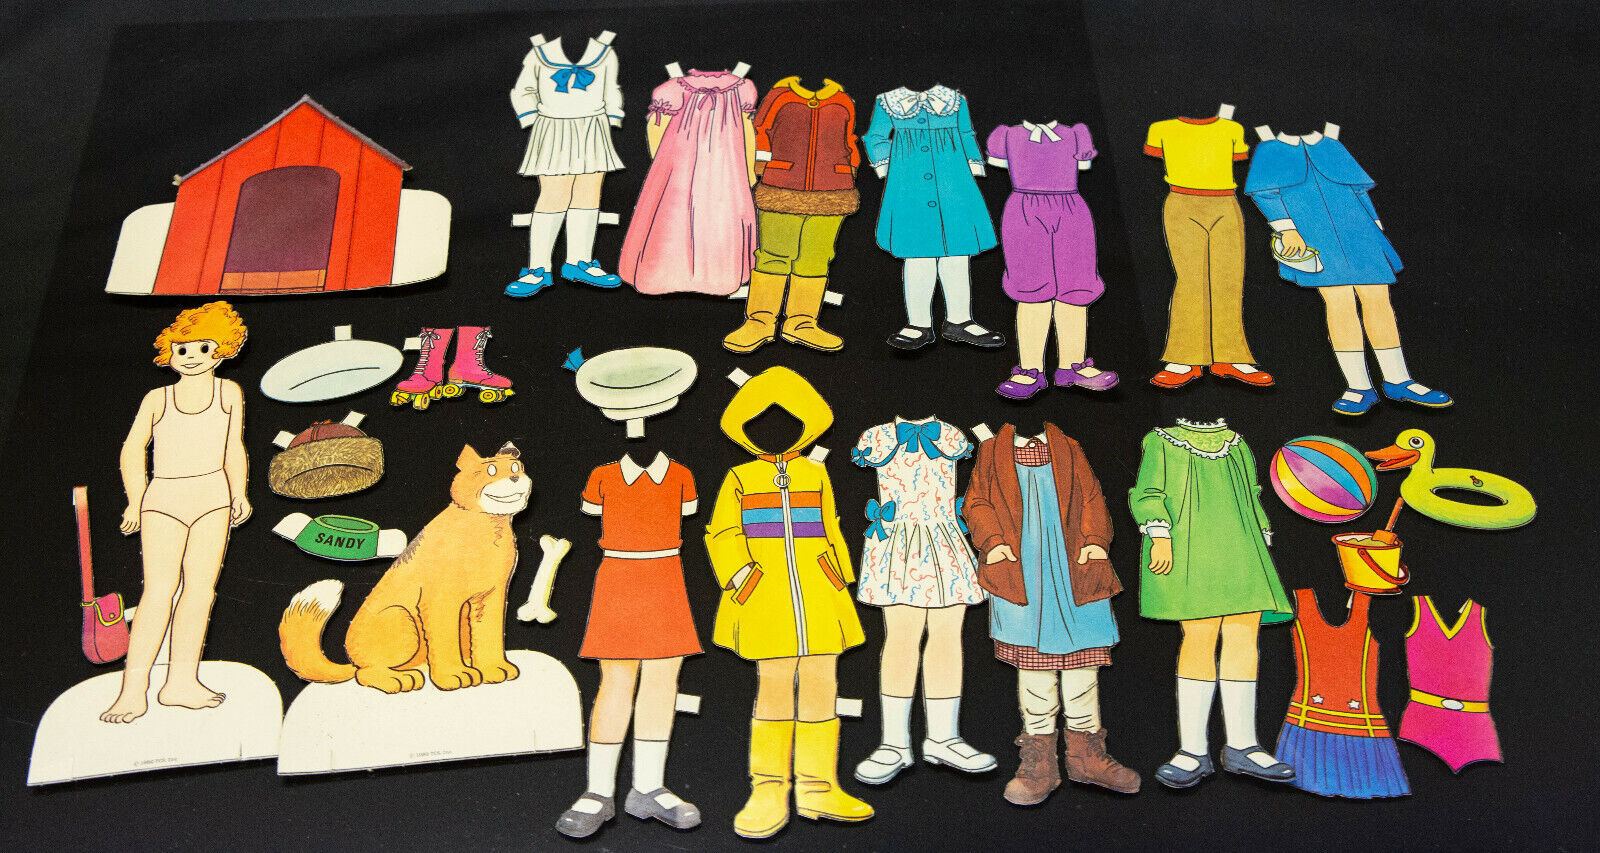 Vintage Little Orphan Annie Paper Doll Cutout Lot - Annie, Sandy, Doghouse, Etc - $12.95